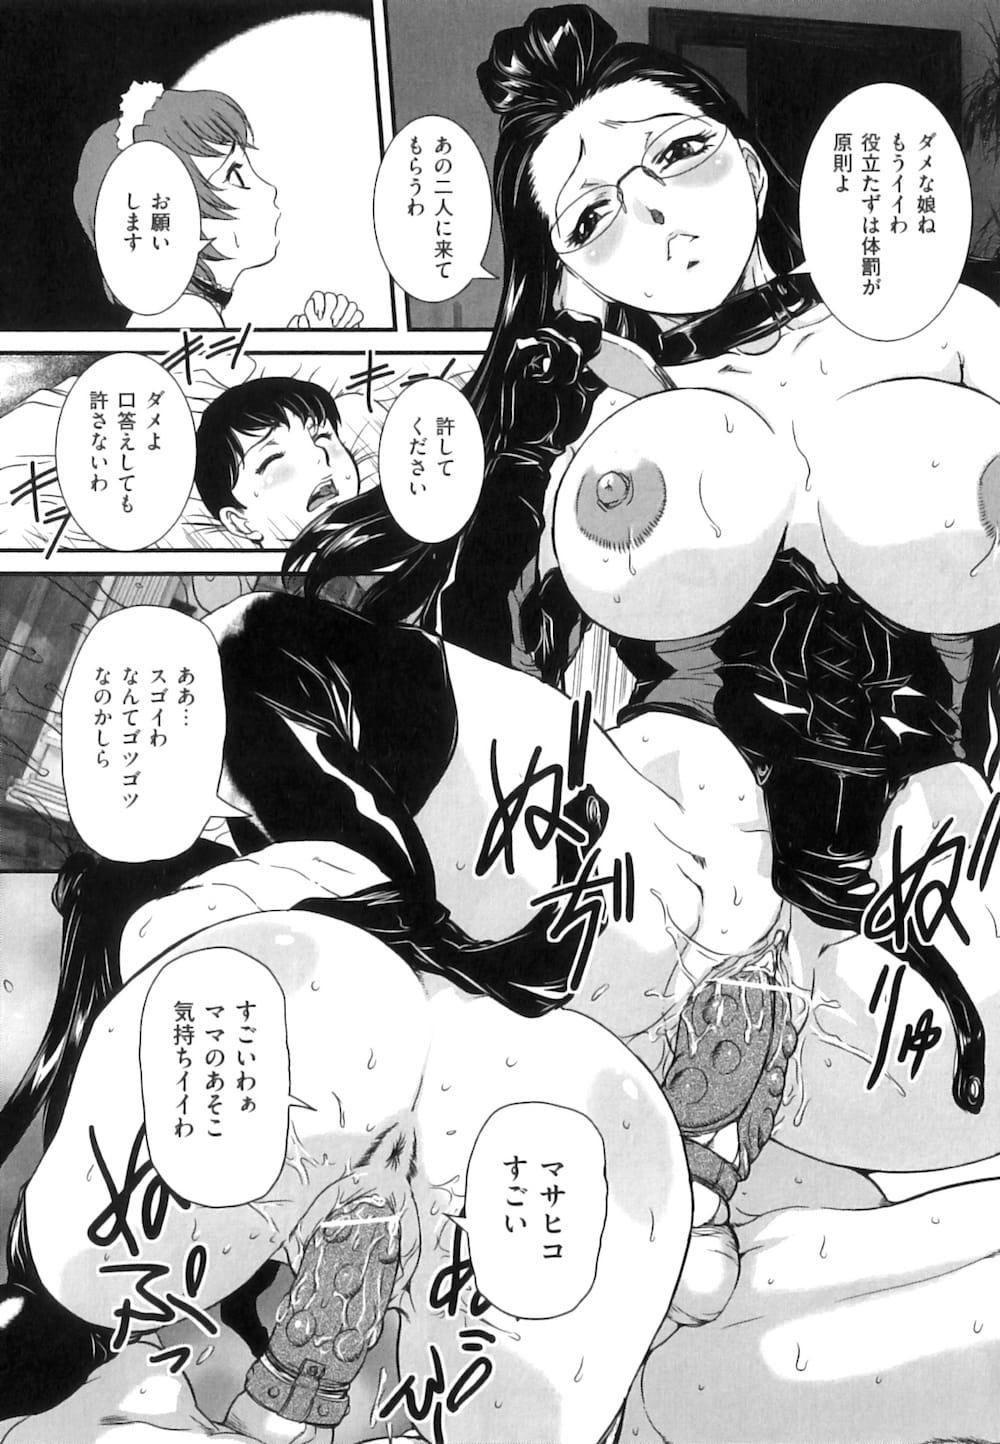 【エロ漫画】教師をしながら学校の生徒を従えている母親に彼女がいることがバレて彼女は輪姦され、自分は母とセックスさせられる! 019